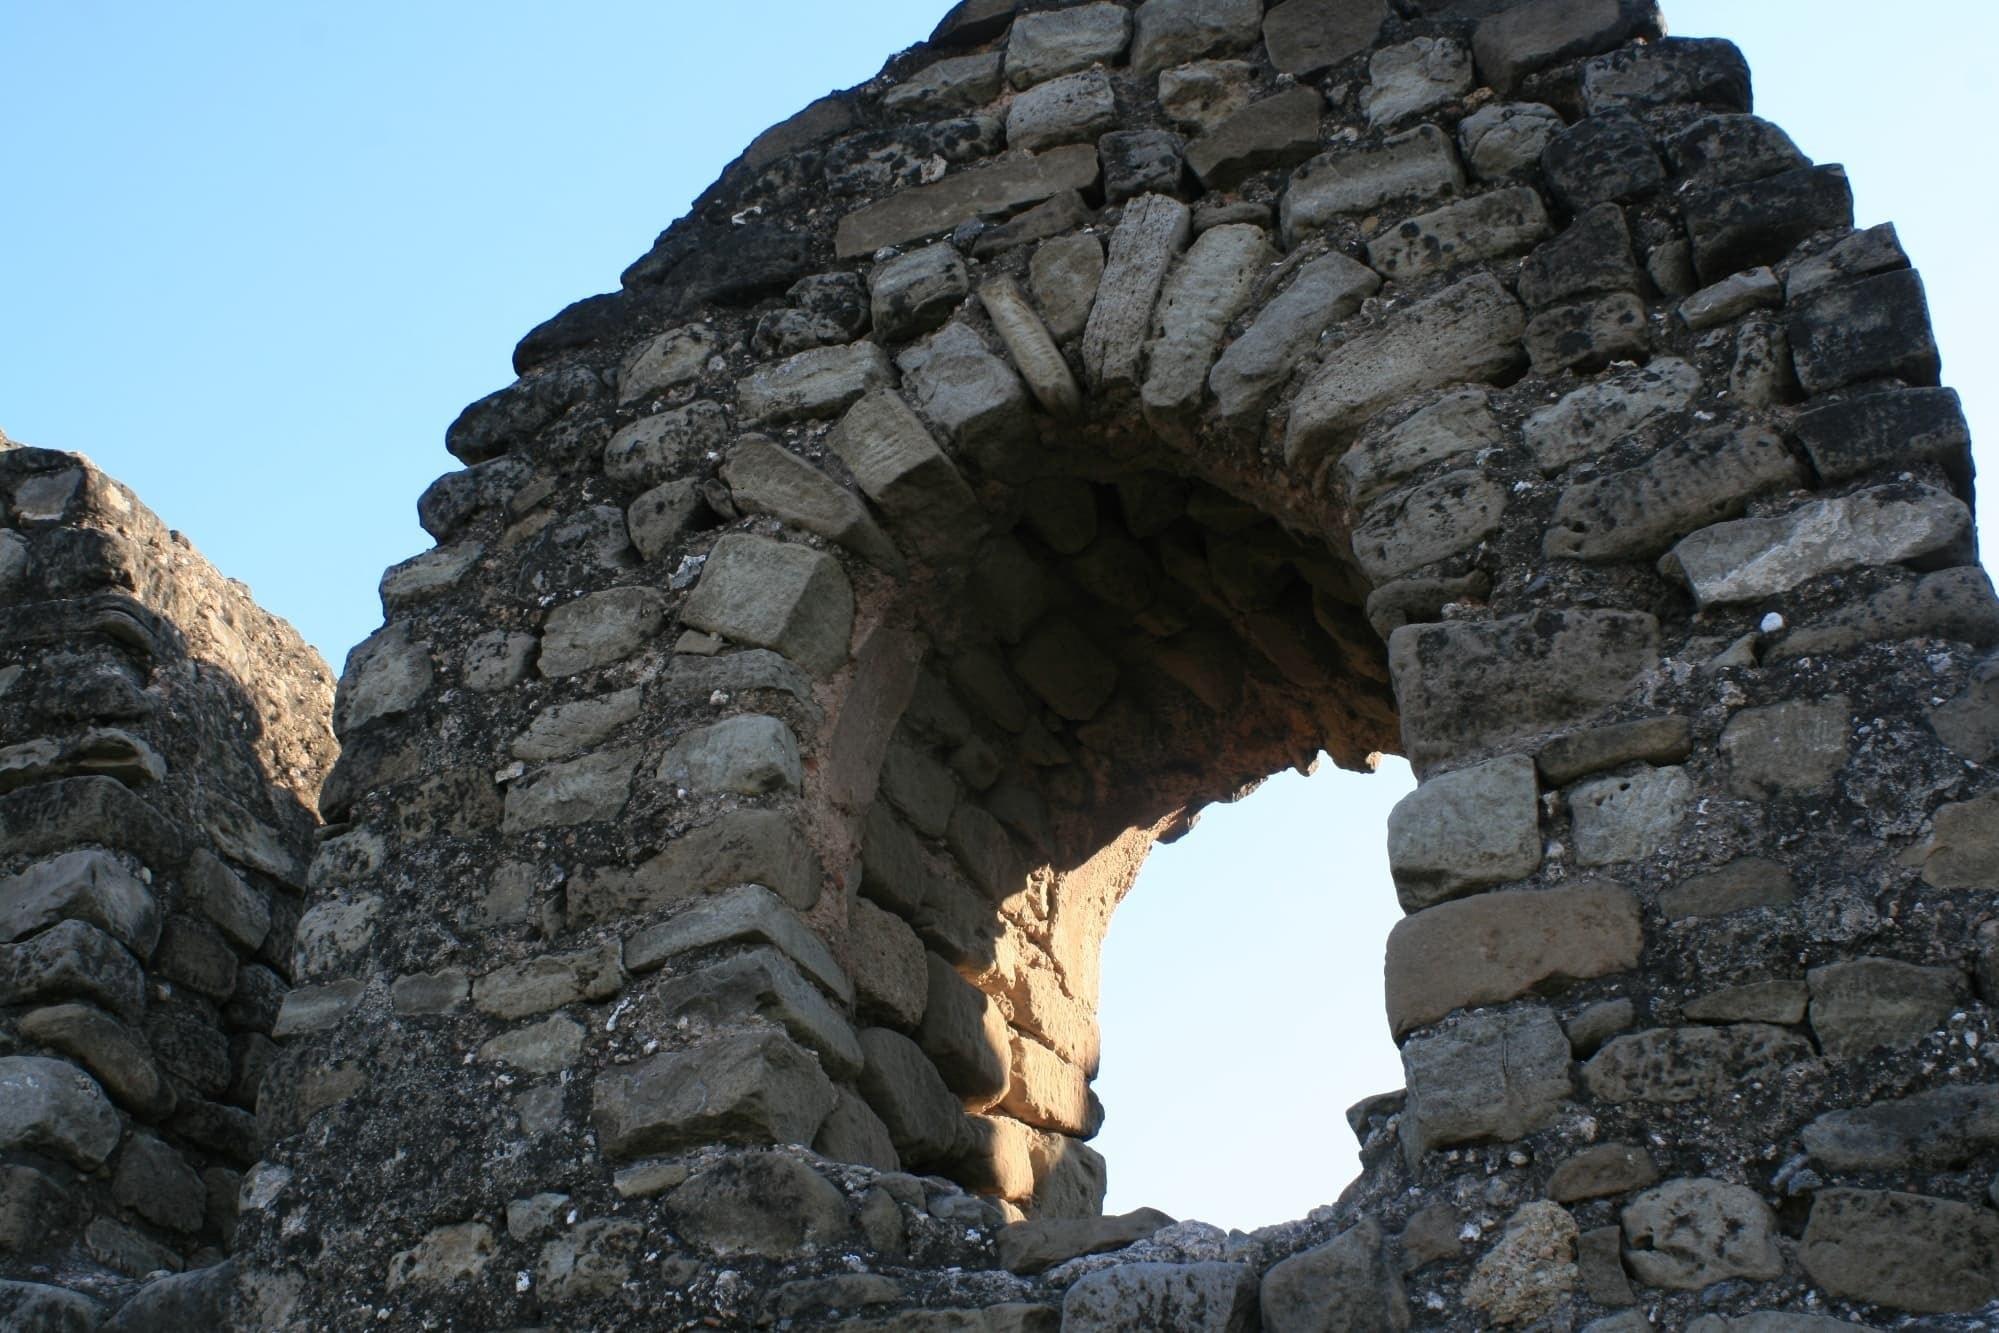 قلعہ کے اندر ٹیریس کی تصویر۔